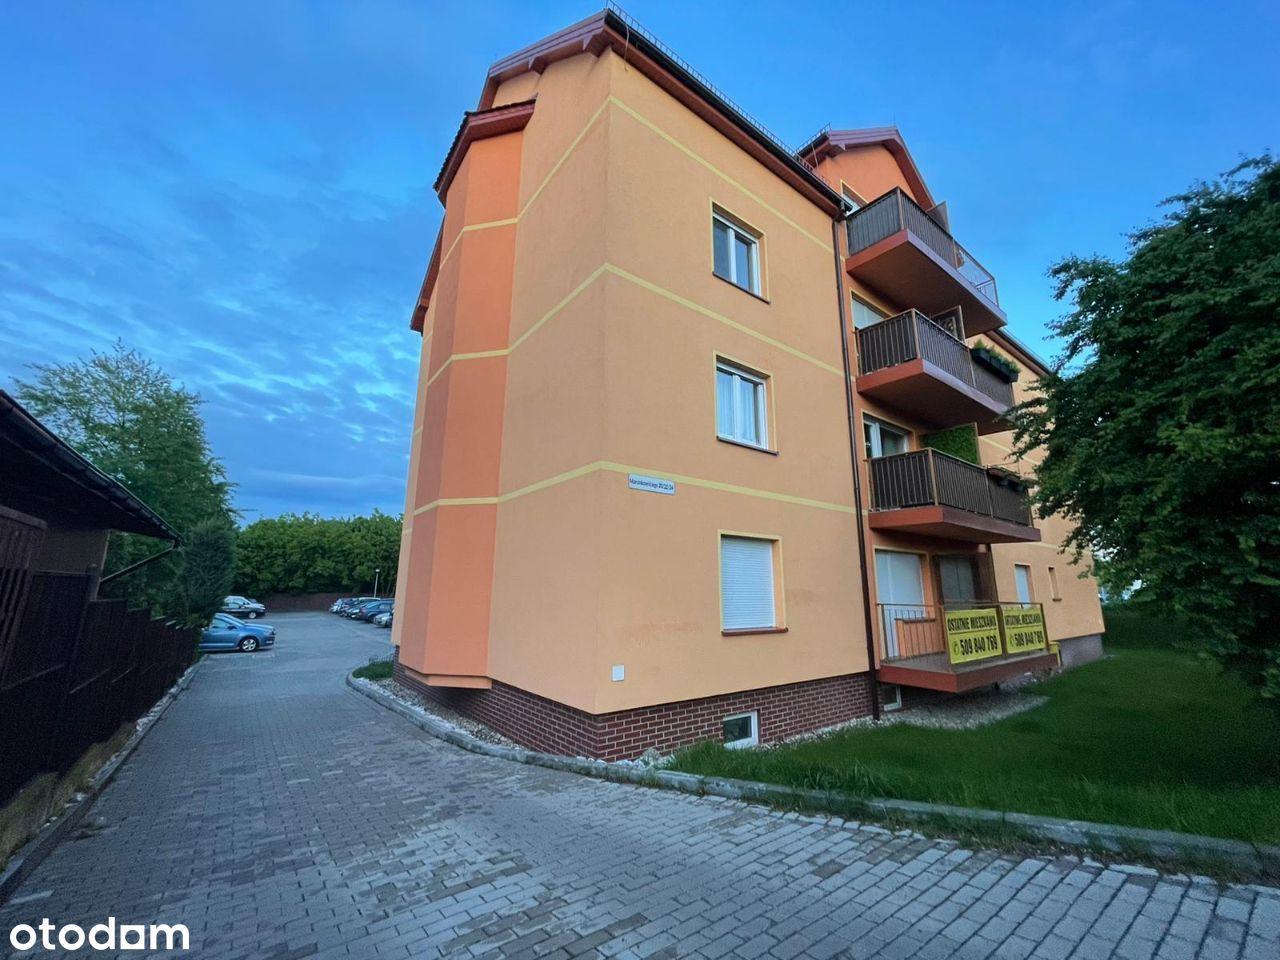 Tarninów/parter/parking/piwnica/3-4 pokoje/w cenie